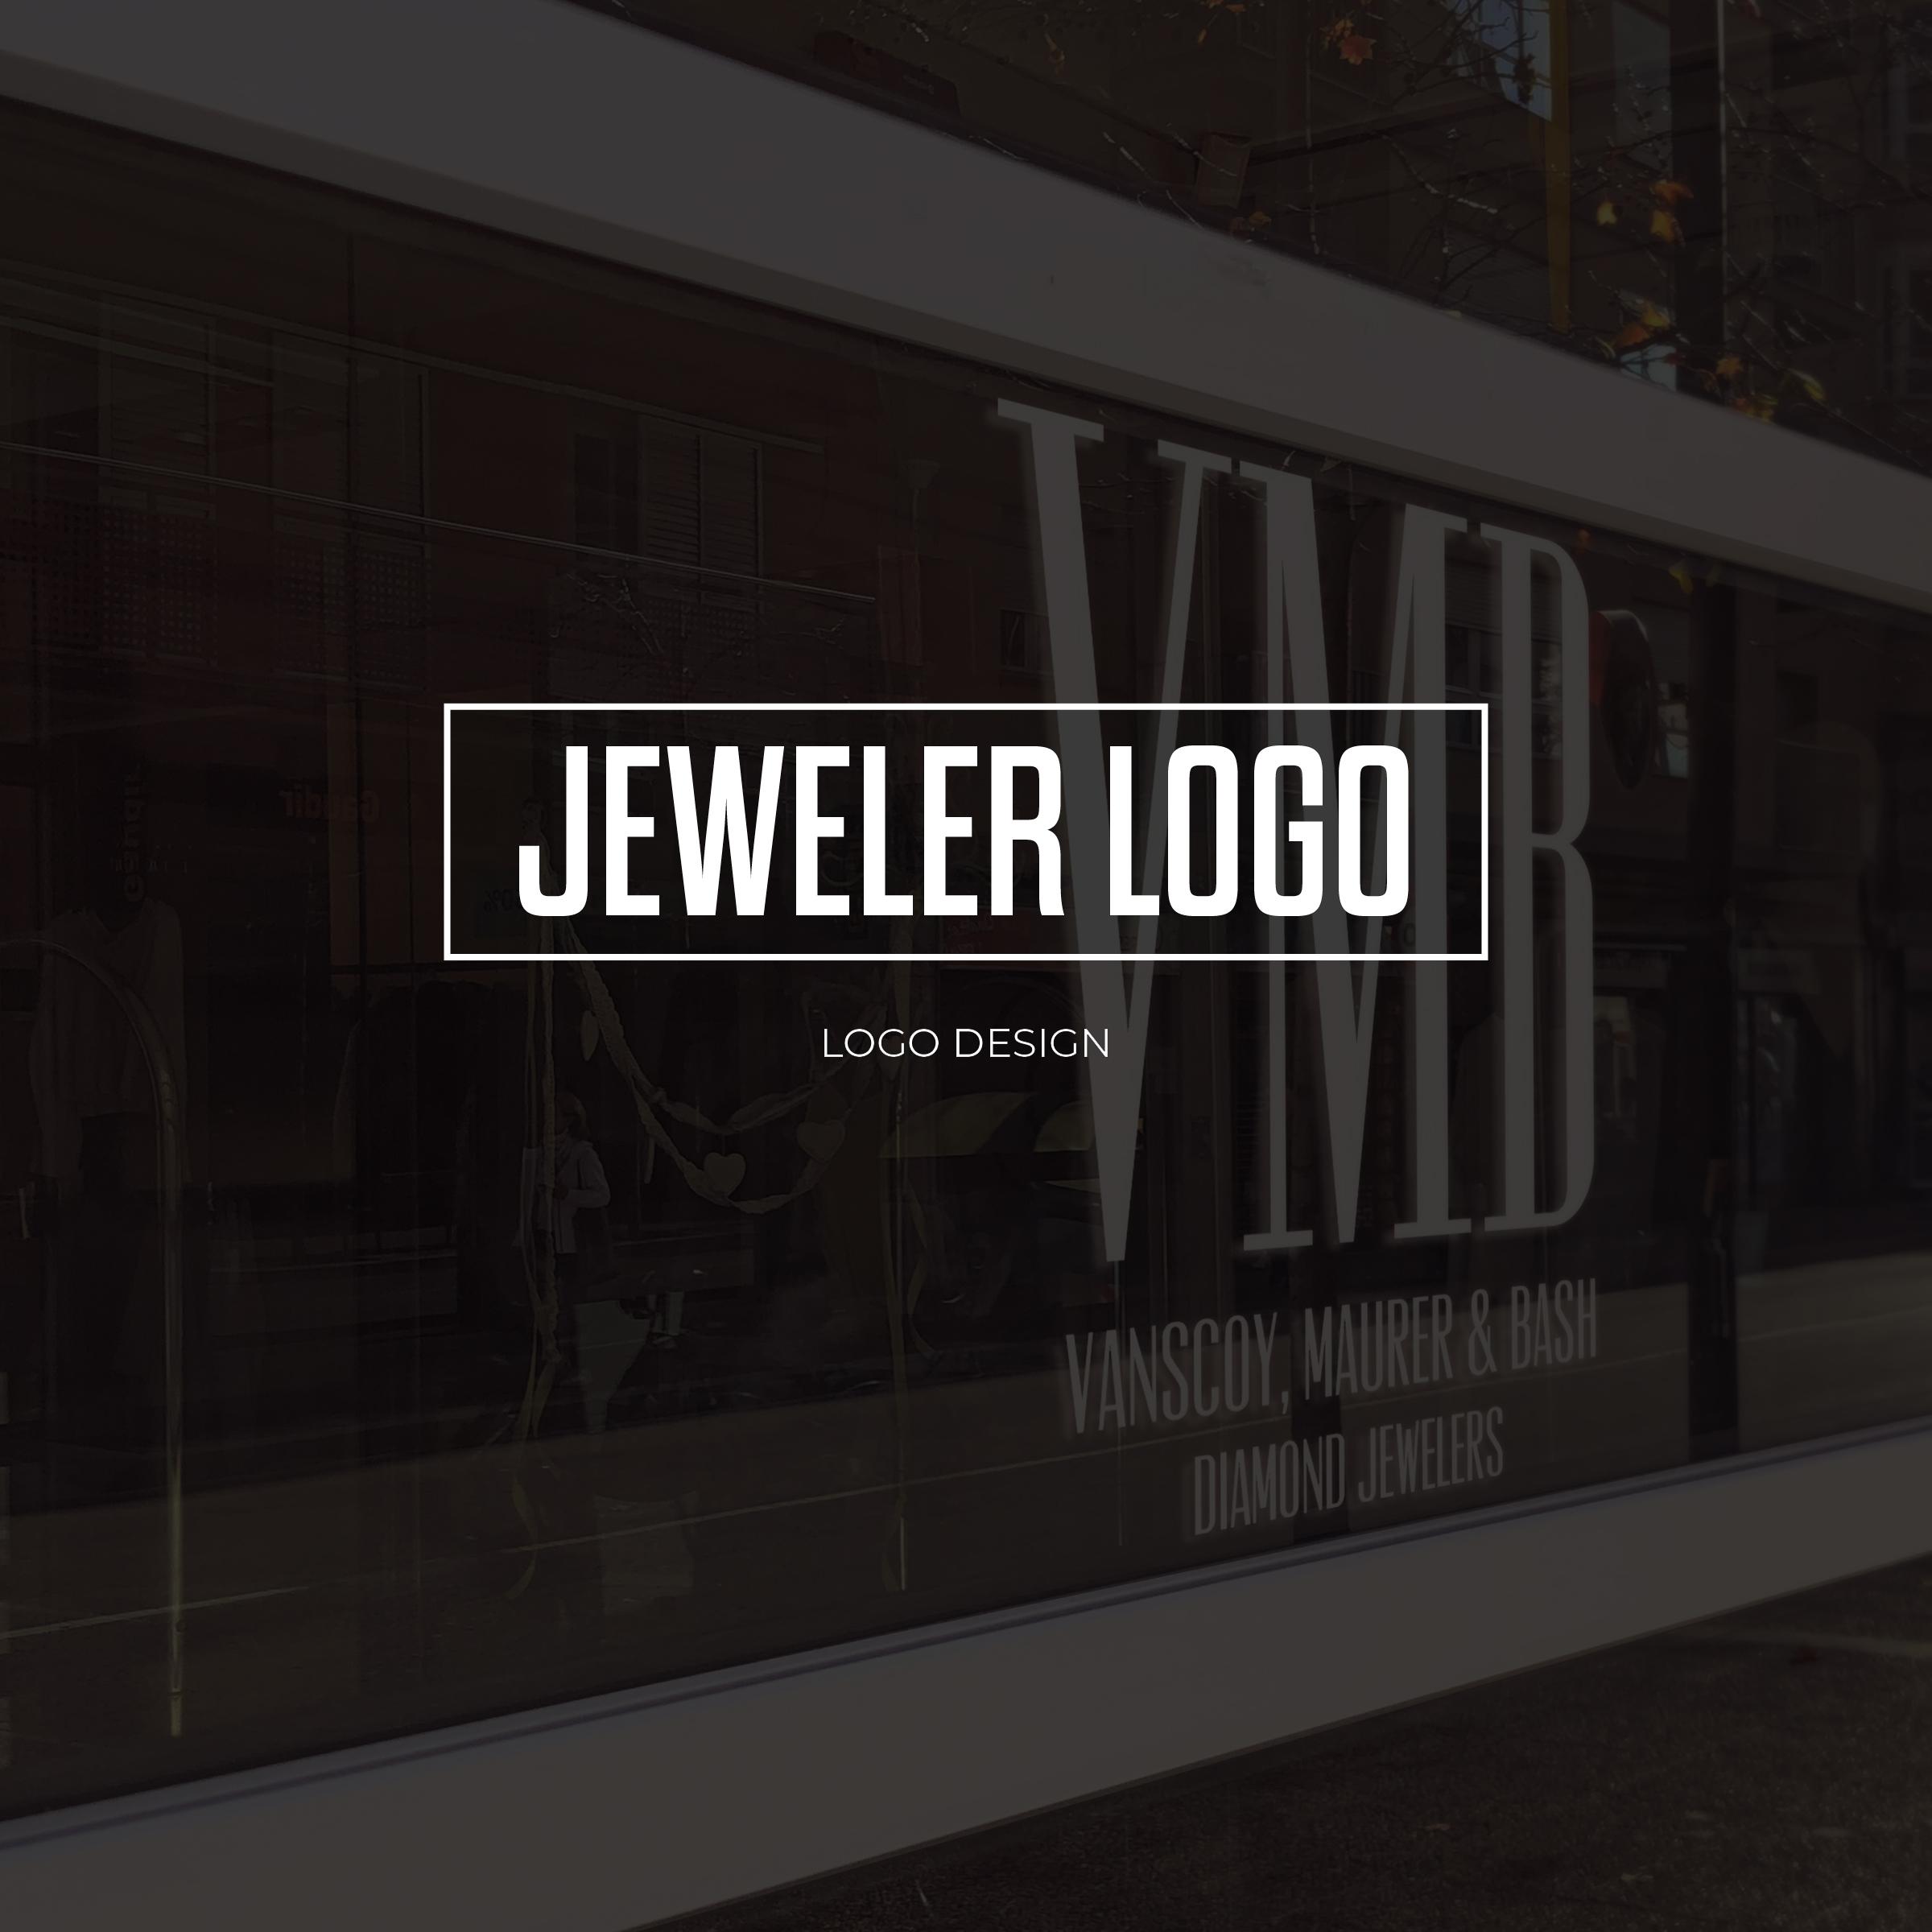 Vanscoy, Maurer & Bash Diamond Jewelers Rebranding